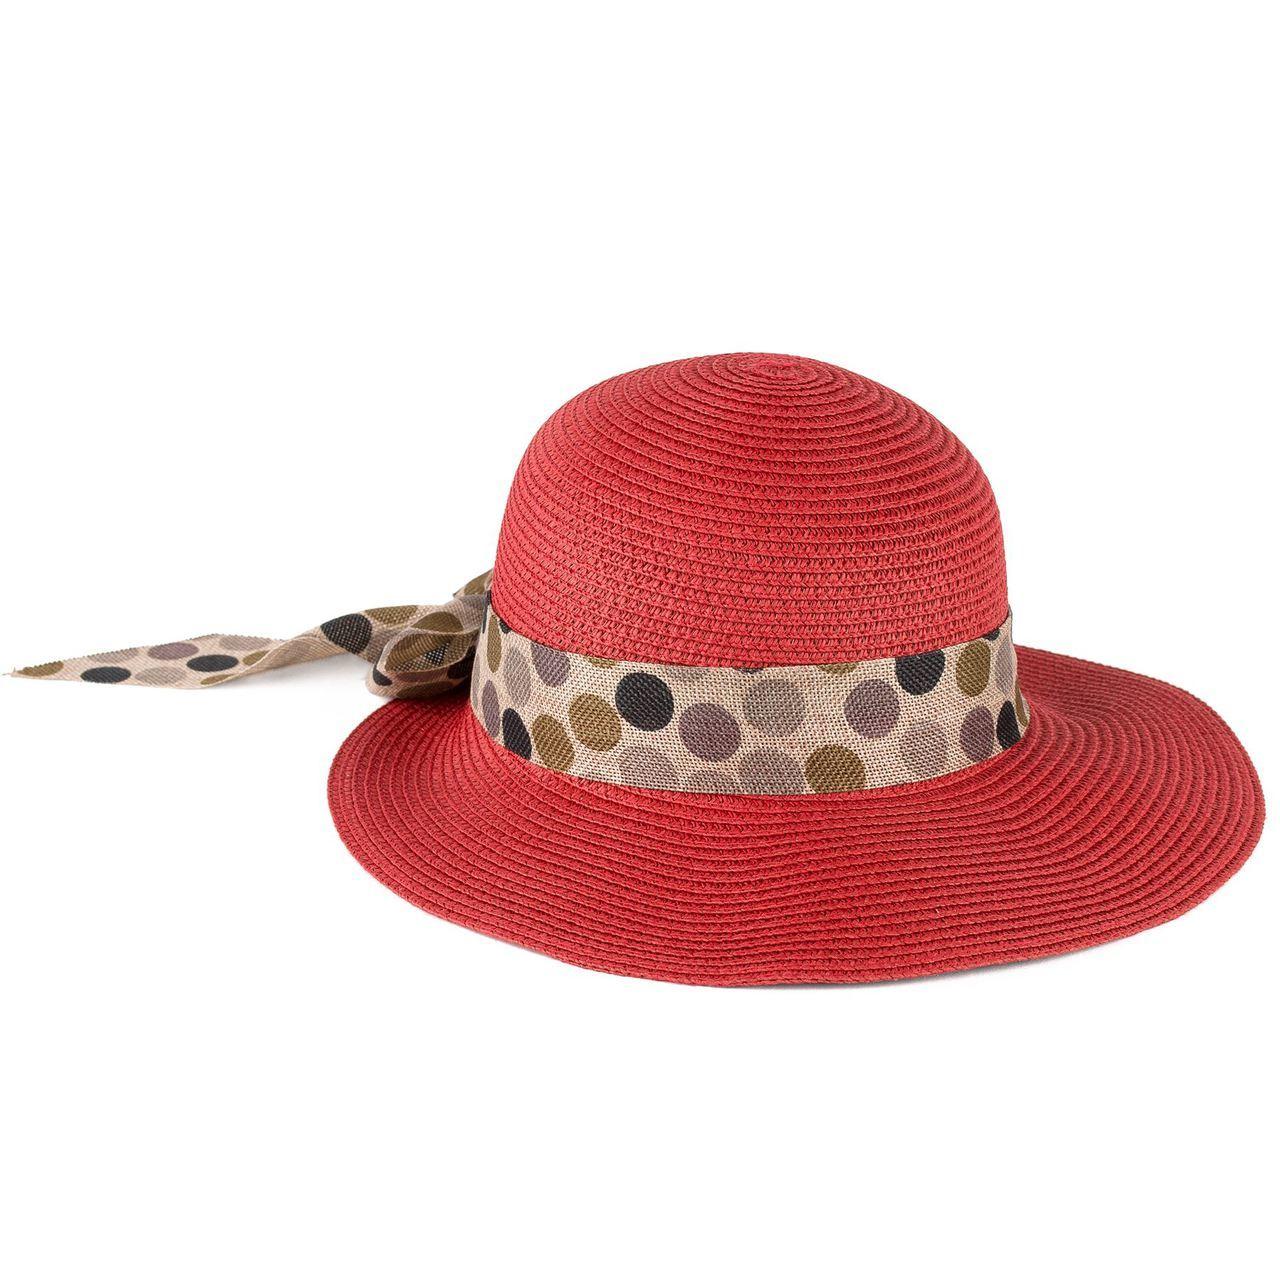 Letní klobouk barva červená Assante 161235